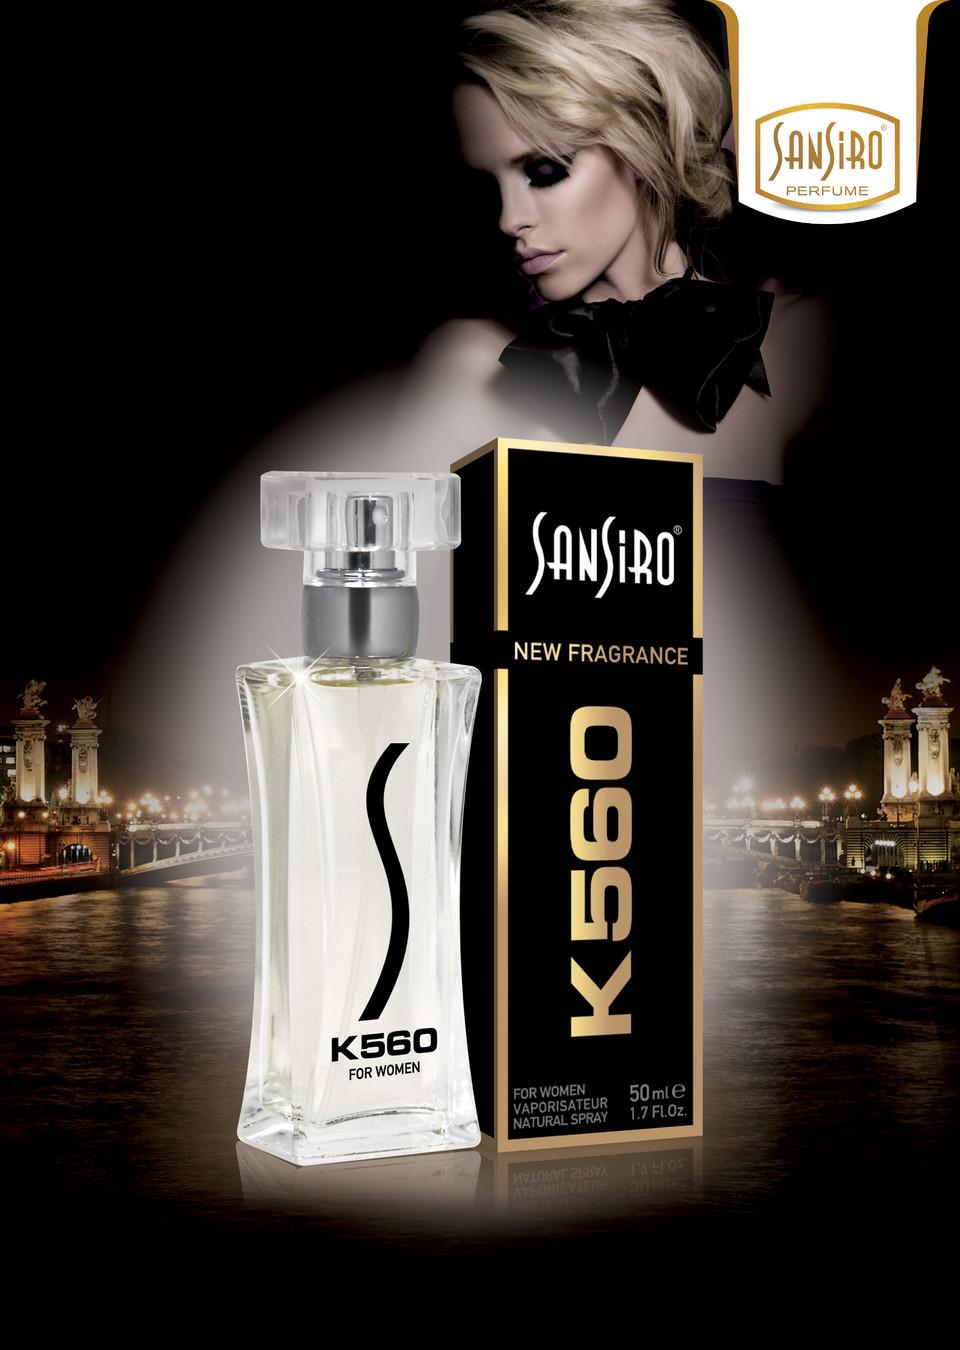 Sansiro Perfume - For Women - Notte (K560)